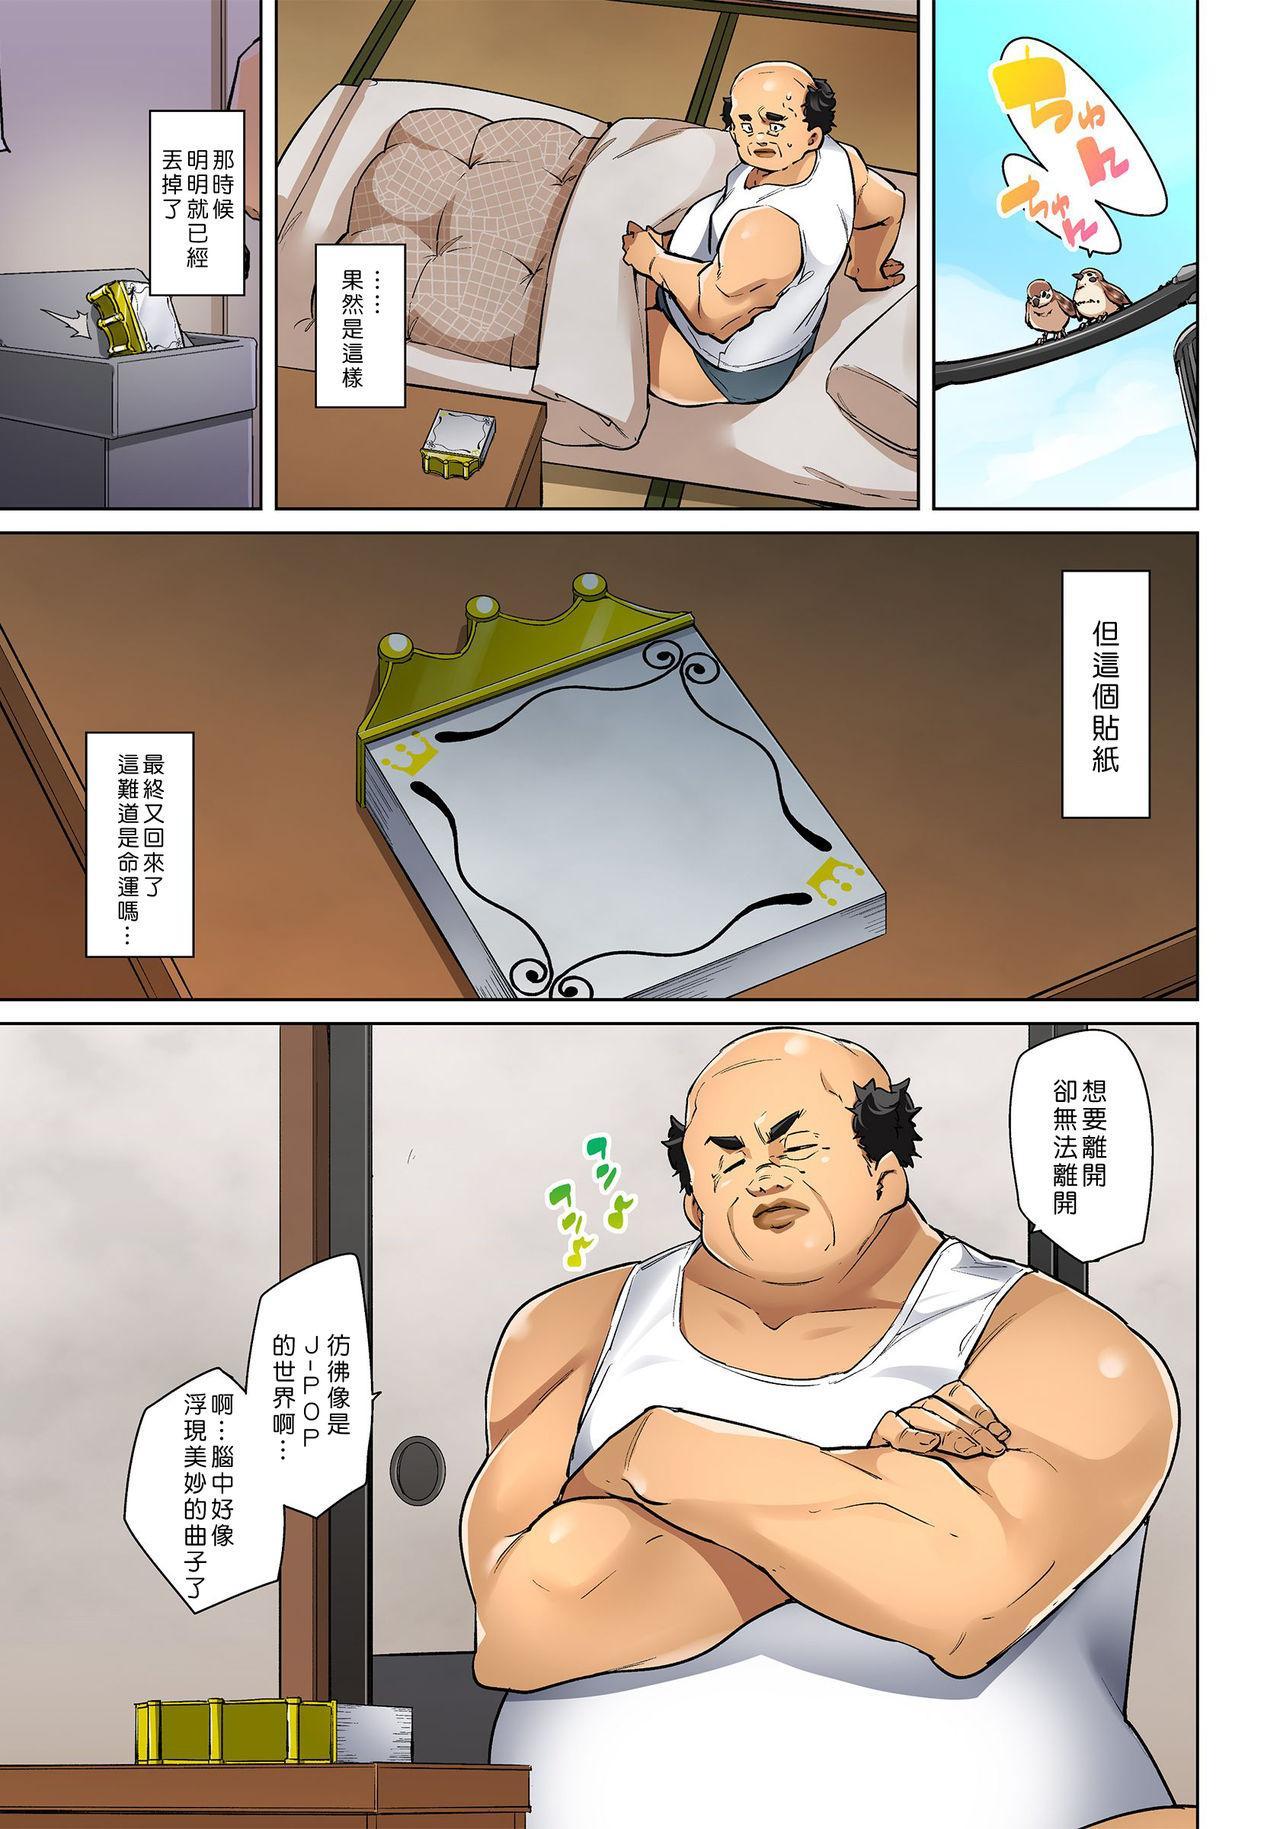 [Marui Maru] Hattara Yarechau!? Ero Seal ~Wagamama JK no Asoko o Tatta 1-mai de Dorei ni~ 1-20 [Chinese] [Den個人漢化] [Digital] 458